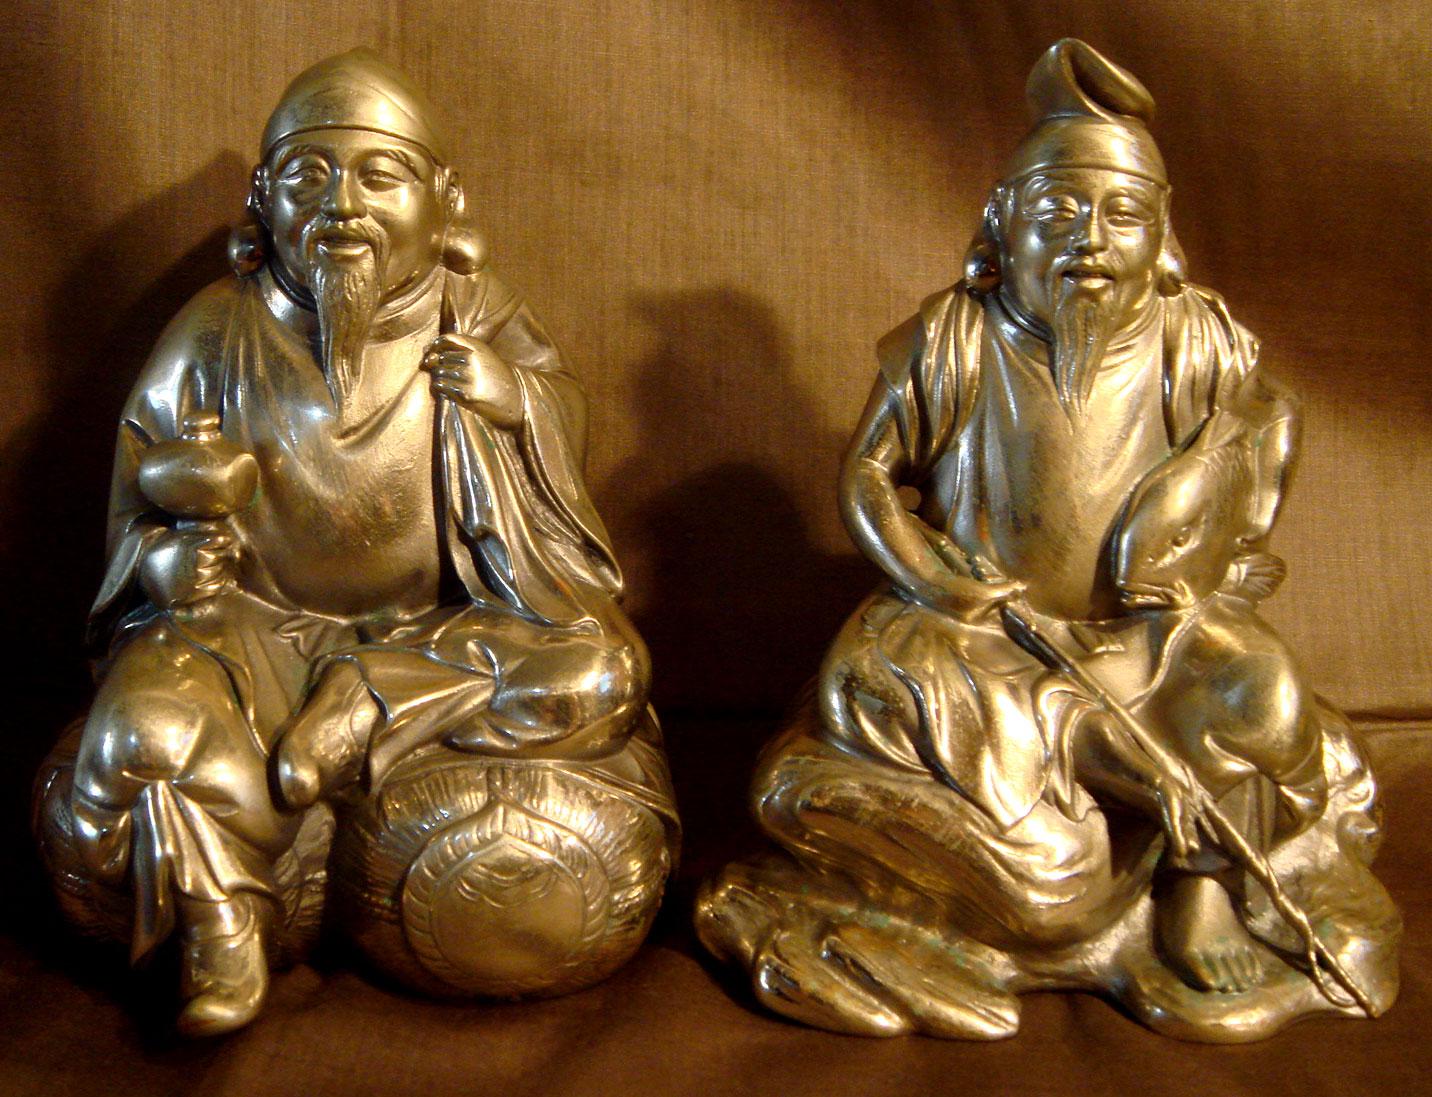 貴重☆恵比寿様と大黒様 14.0cm 当時 洋銀と刻印有 日本製 現状 【AJ1105】